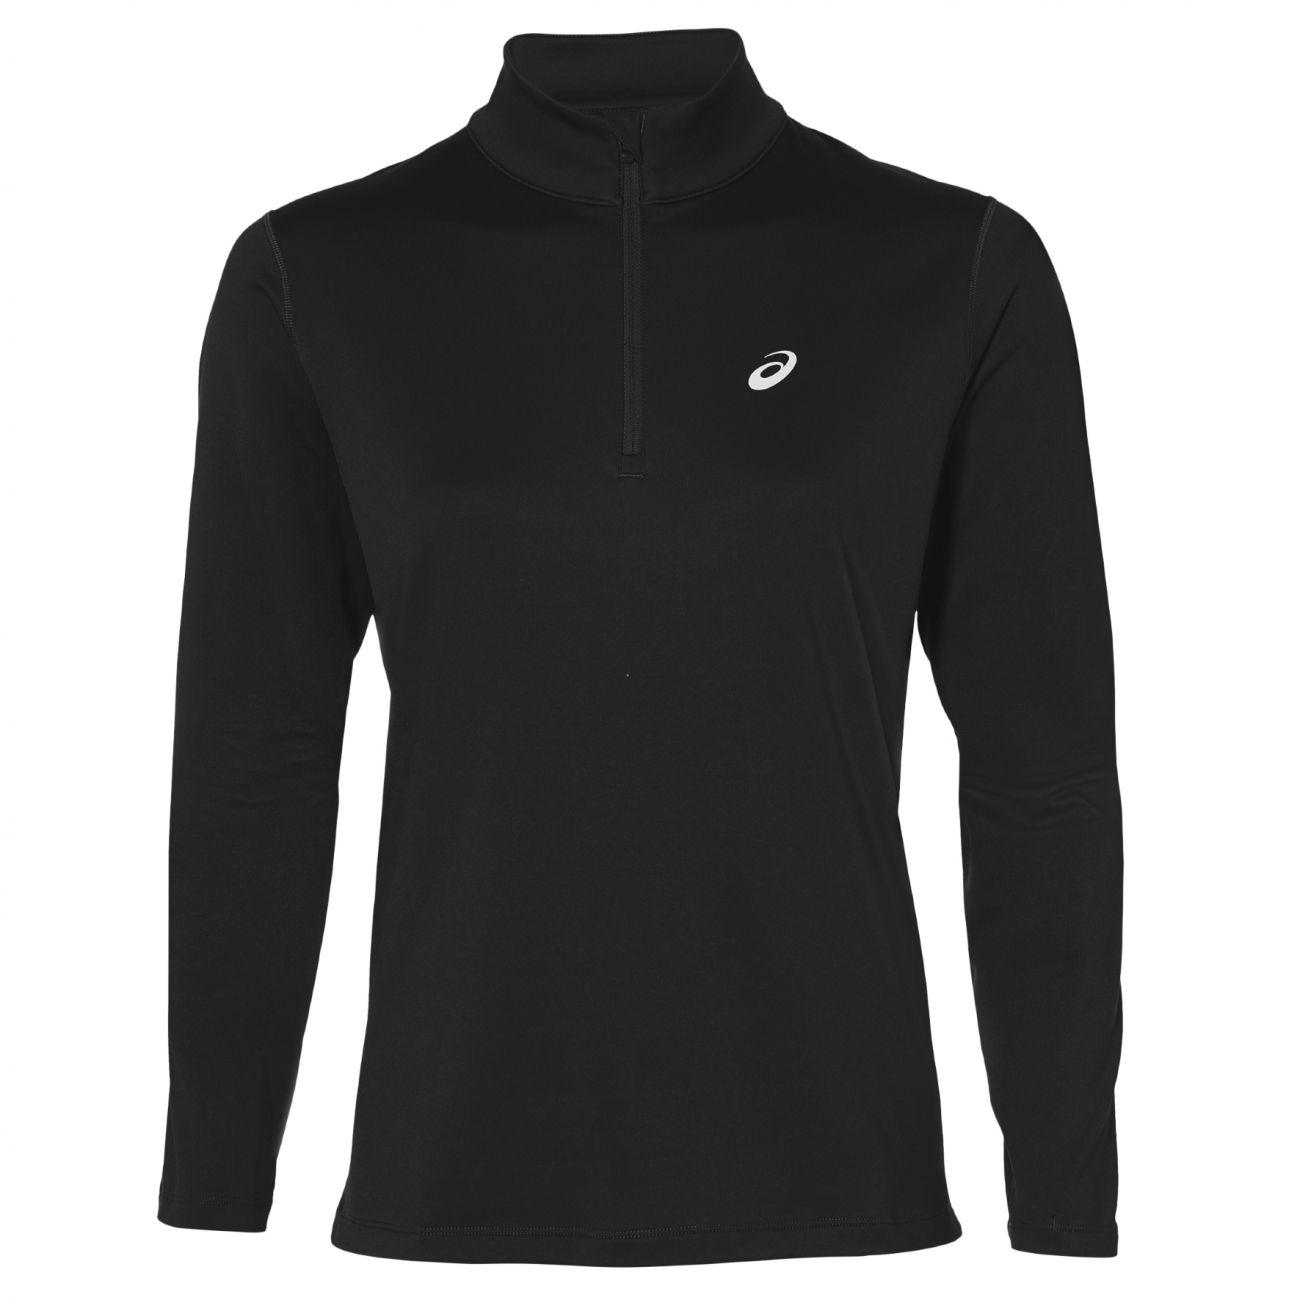 Sweat 12 zip femme Asics Silver – achat et prix pas cher